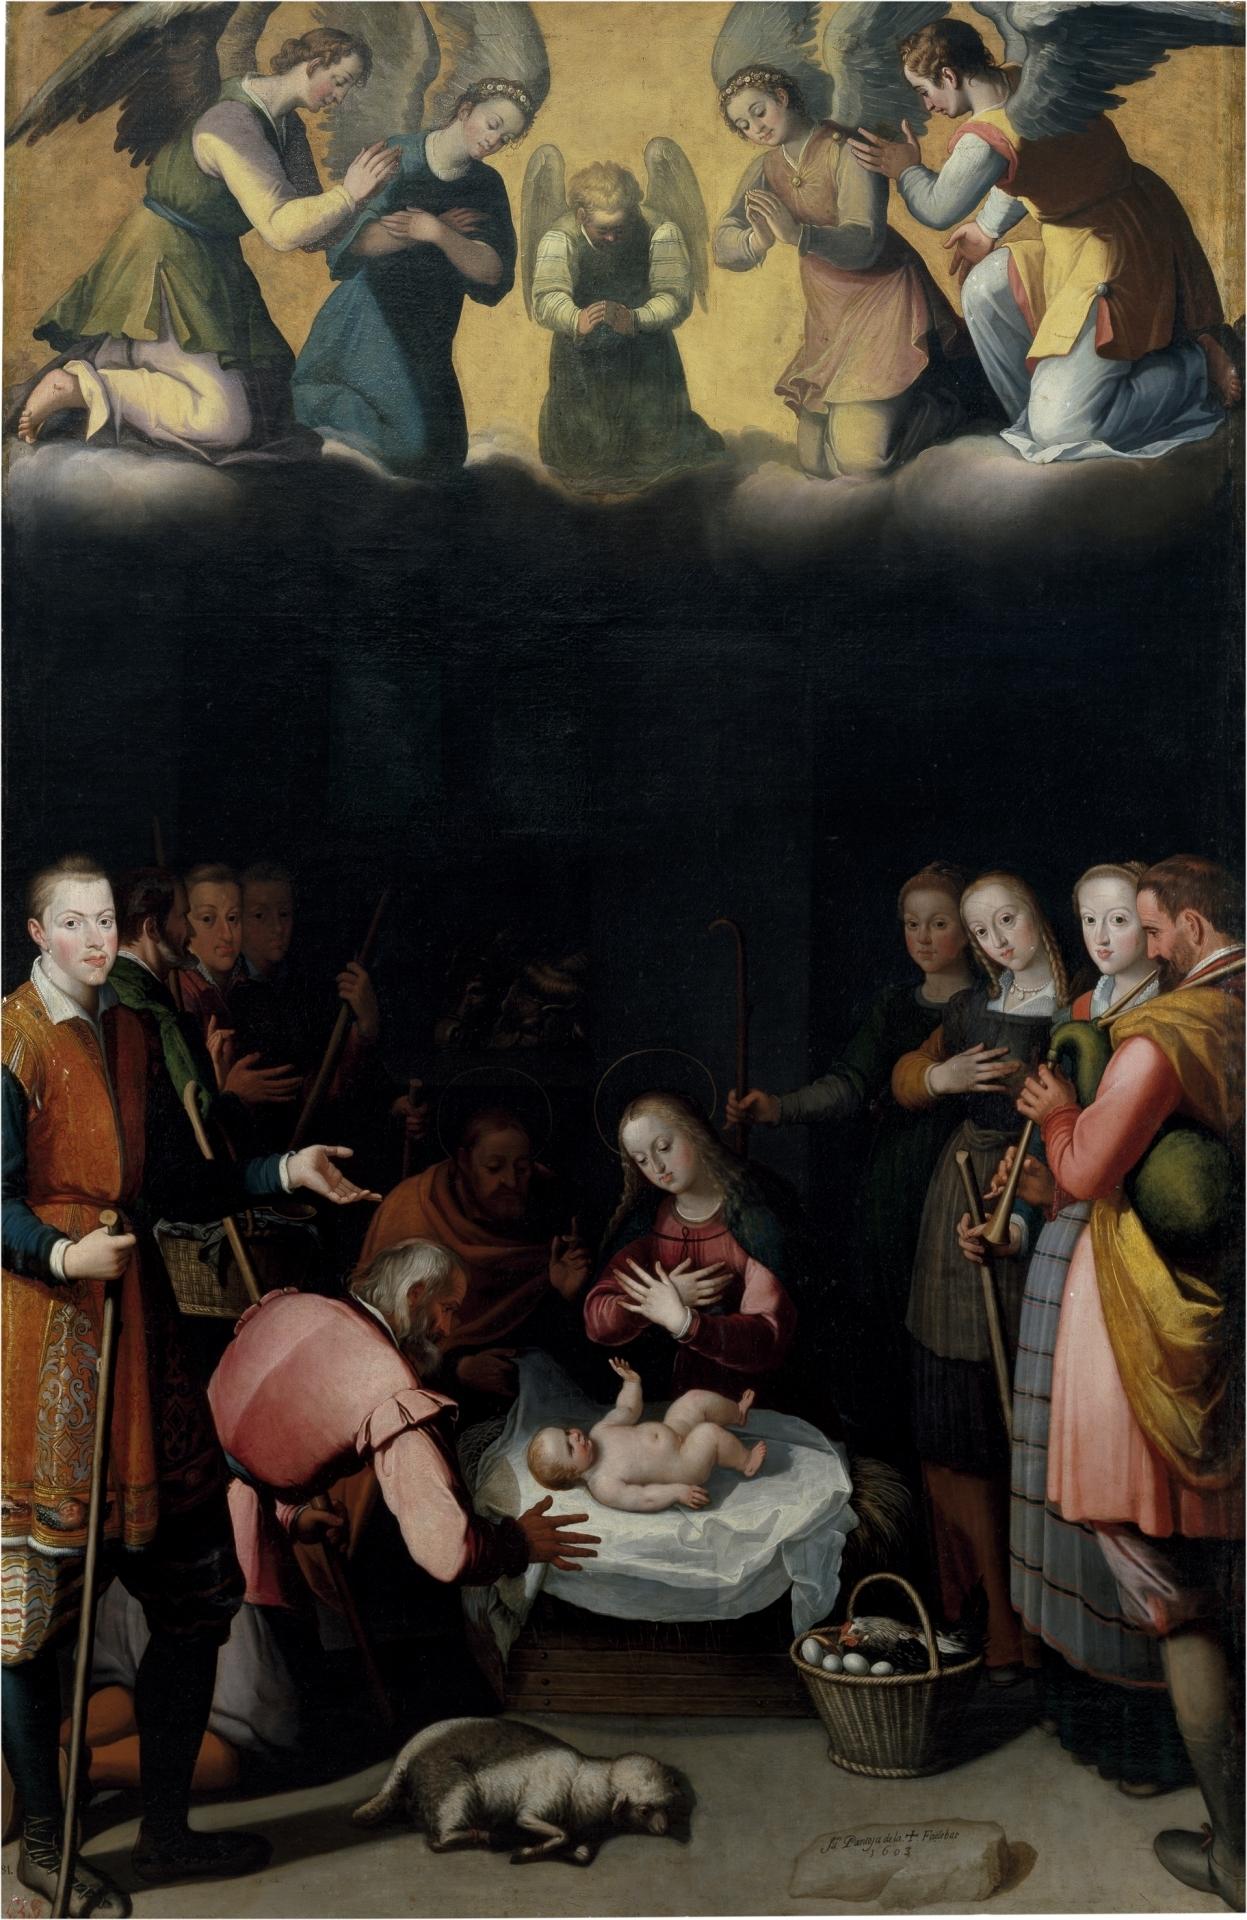 El nacimiento de Cristo - Colección - Museo Nacional del Prado